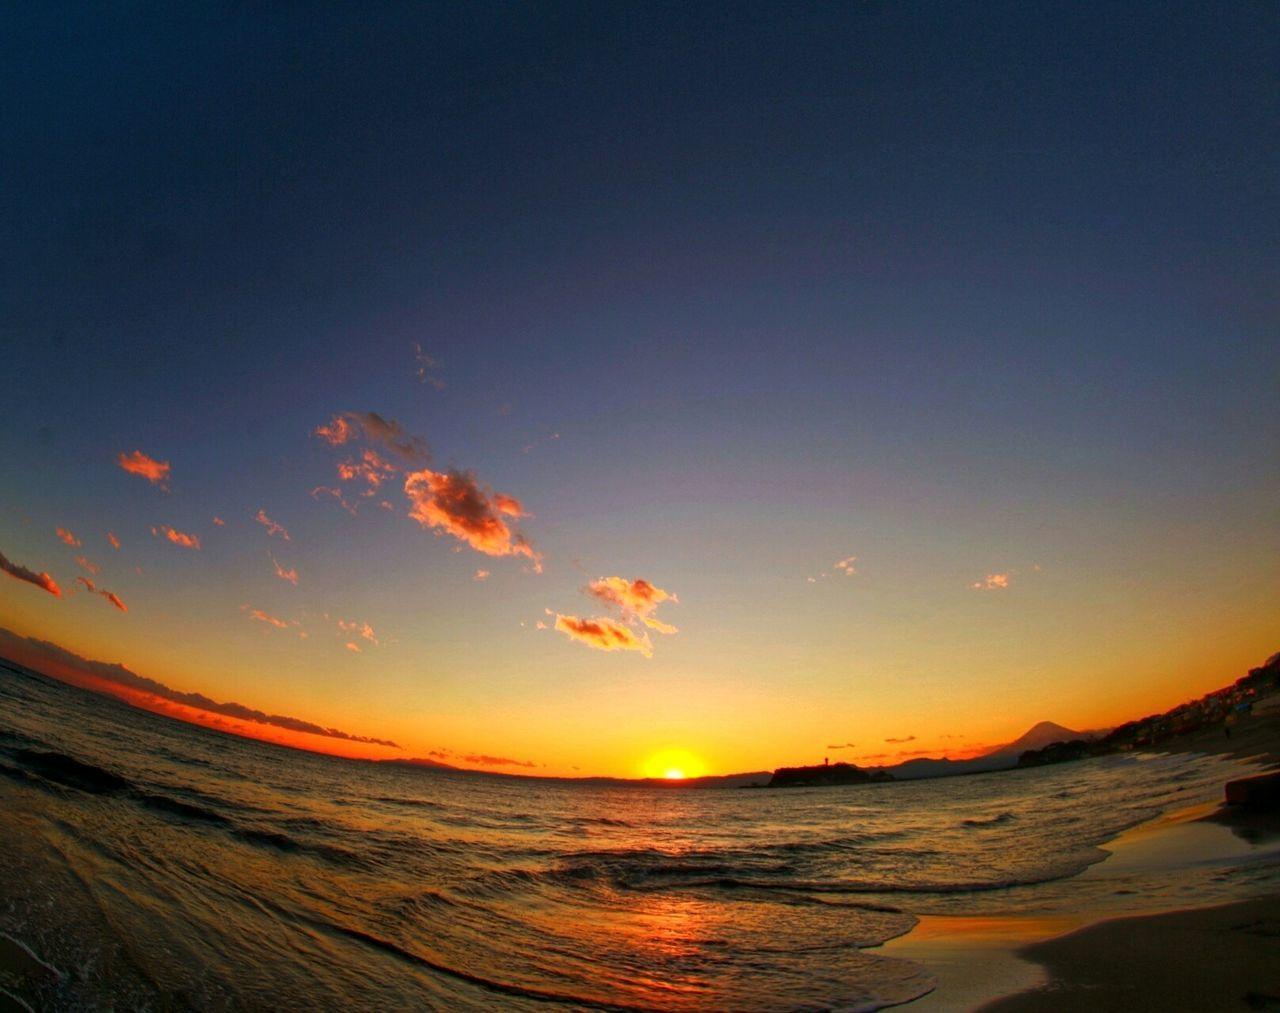 昼と夜の狭間に🌅 Sunset Sand Beach Sky Nature Sea No People Outdoors Luminosity Galaxy Day Relaxing Fine Art EyeEmBestPics Hi! Canon70d Myfavoritephoto Hello World MyFavorite  EyeEm Best Shots Sunset Silhouettes